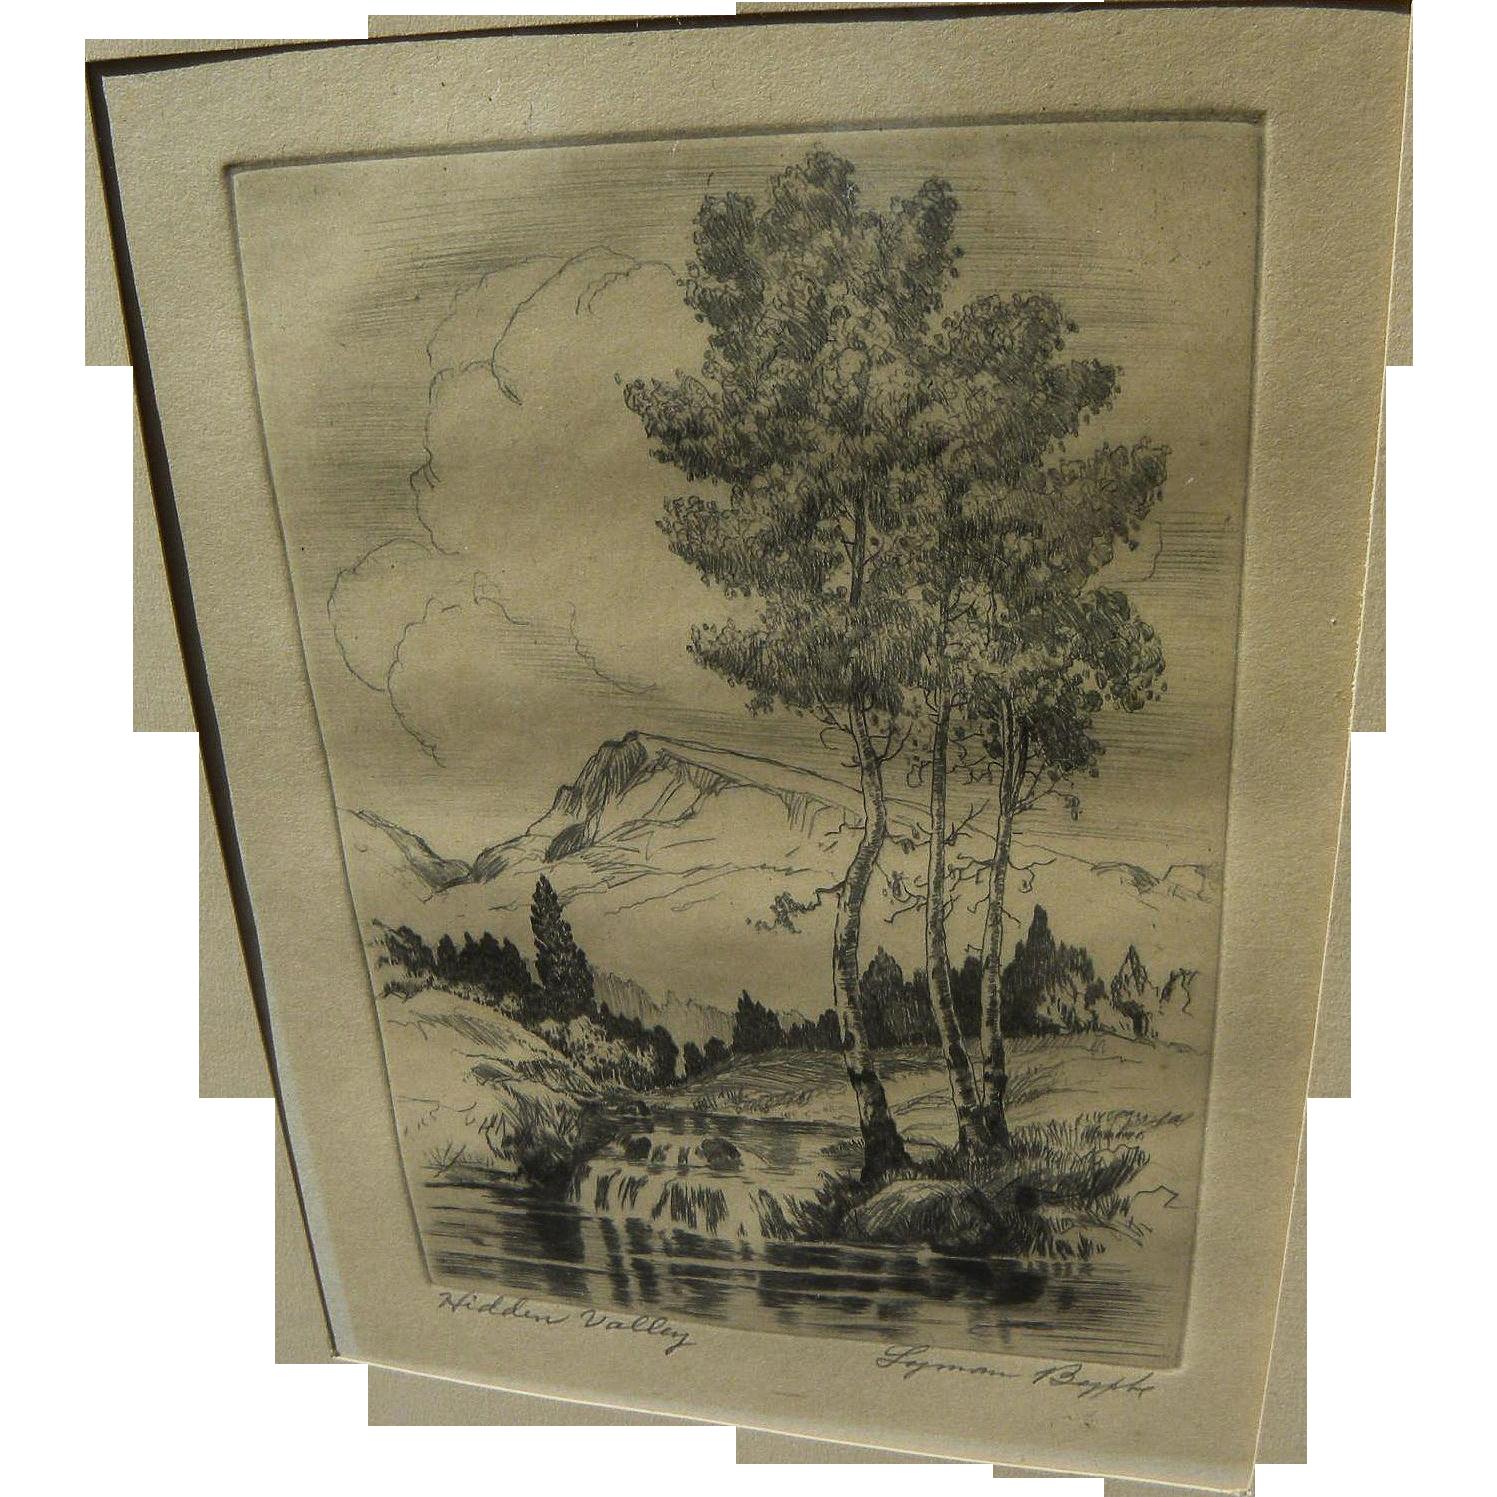 """LYMAN BYXBE (1986-1980) vintage Colorado etching print """"Hidden Valley"""""""